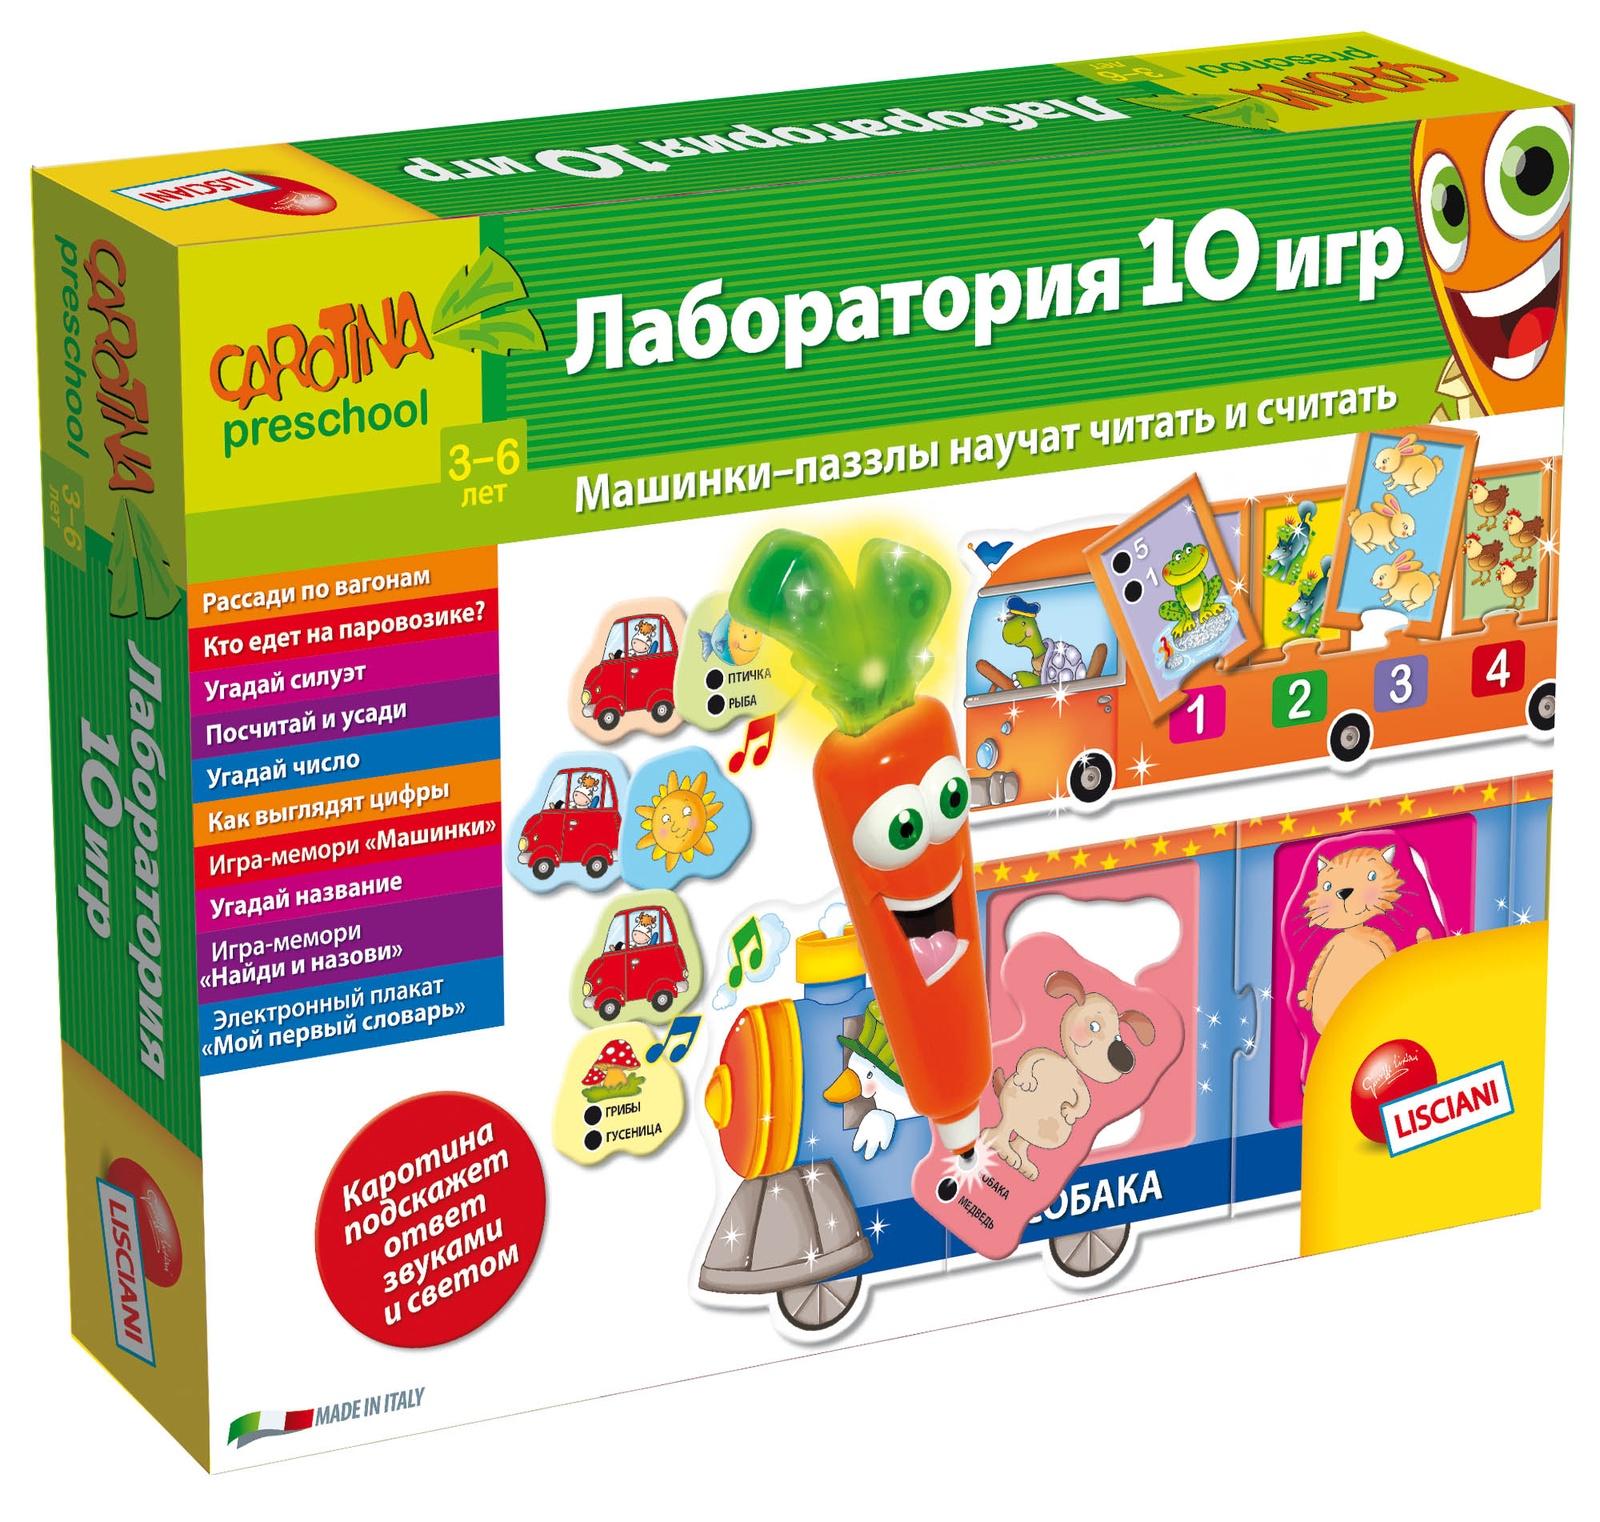 Обучающая игра LISCIANI R36530, R36530 обучающая игра lisciani лаборатория 10 игр с интерактивной морковкой r36530